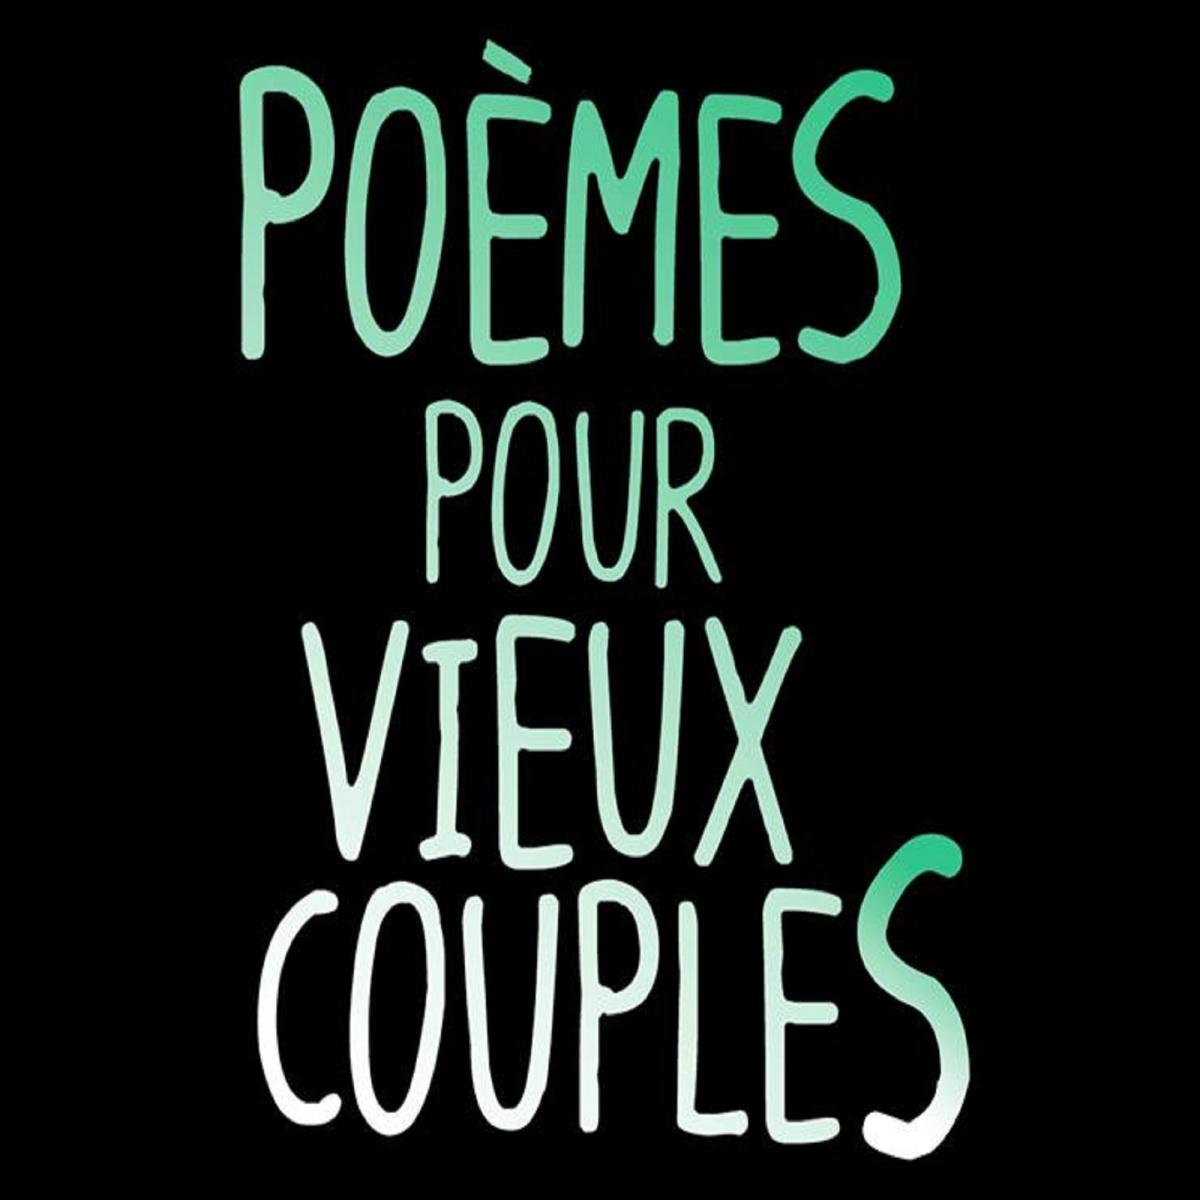 Poèmes pour vieux couples, un recueil inabouti - Geneviève Bouchard